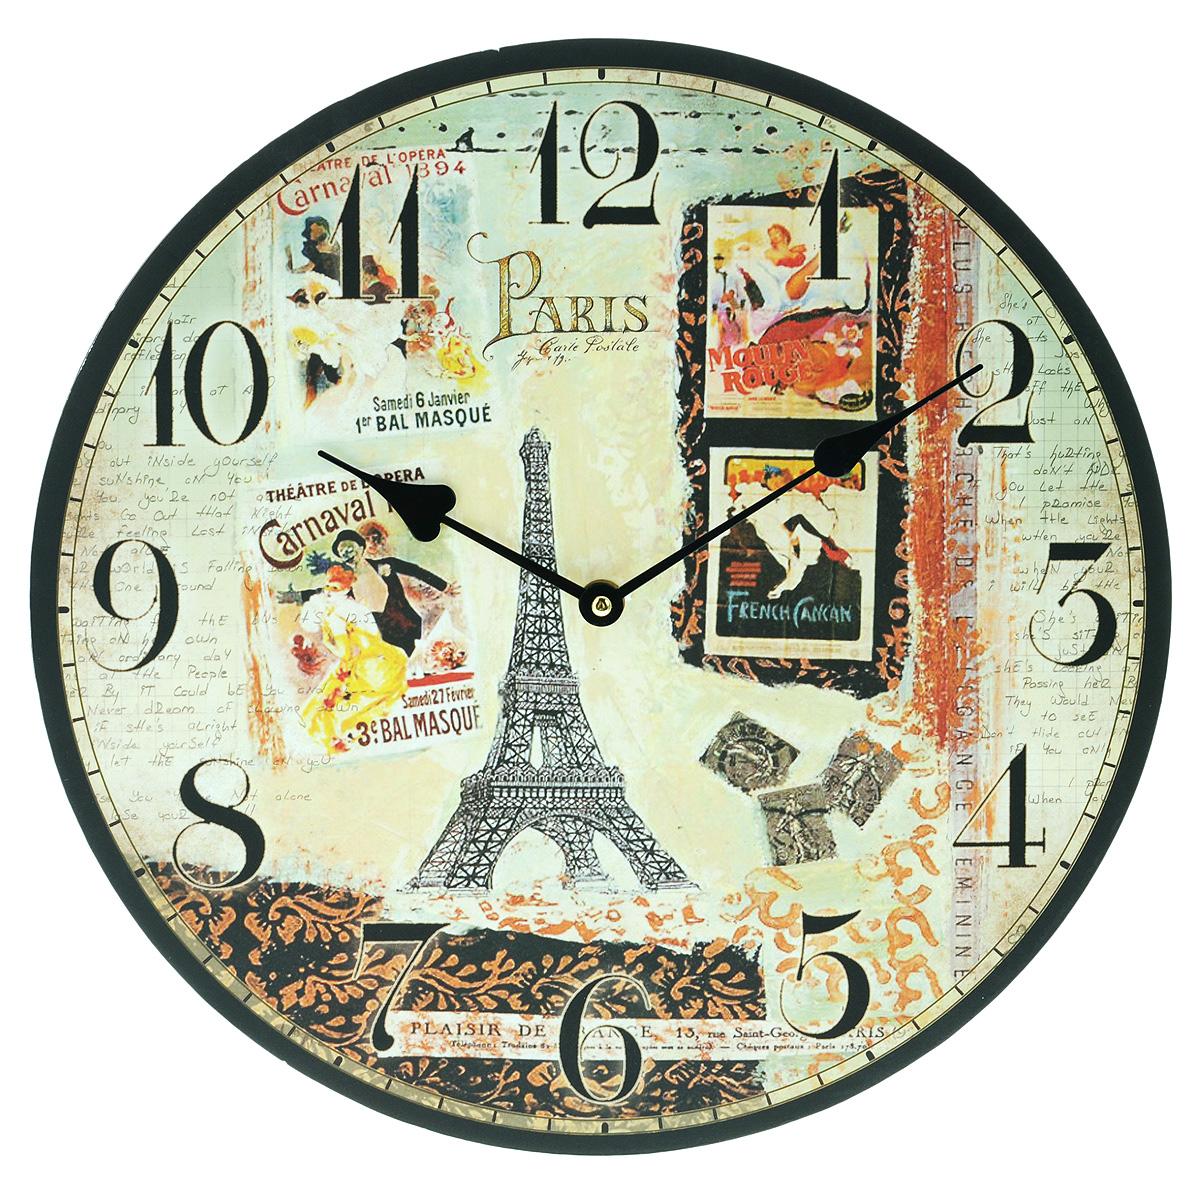 Часы настенные Париж, большие. 13BJ3426313BJ34263Часы настенные Париж своим эксклюзивным дизайном подчеркнут оригинальность интерьера Вашего дома. Часы выполнены из дерева, имеют две стрелки - часовую и минутную. Циферблат часов не защищен стеклом. Часы работают от одной батарейки. С задней стороны имеется отверстие для крепления часов на стену. Для кухни, гостиной, прихожей или дачи - эти часы станут незаменимым аксессуаром любого интерьера.